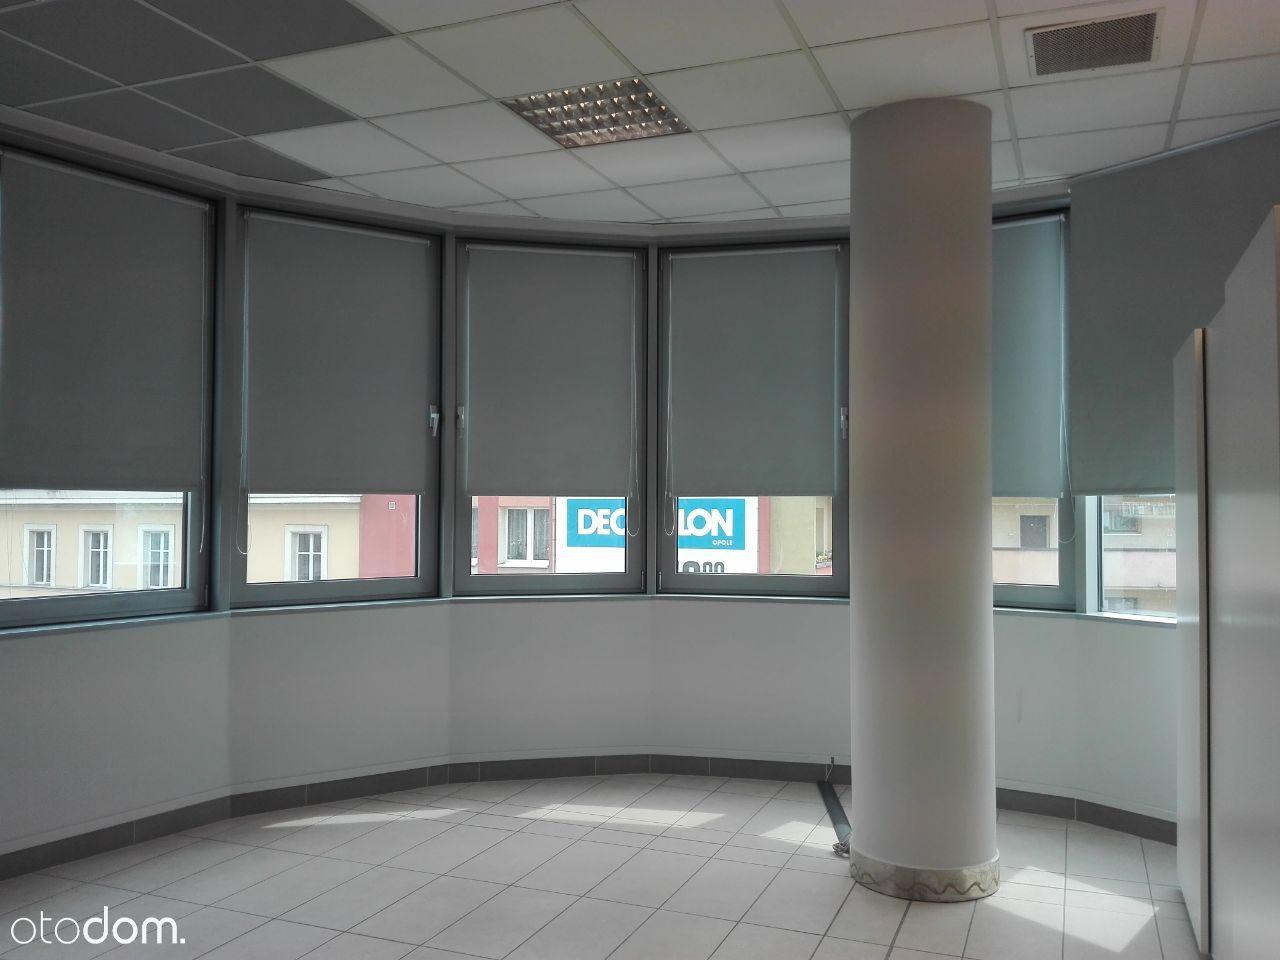 Lokal użytkowy z 3 niezależnymi pokojami biurowymi